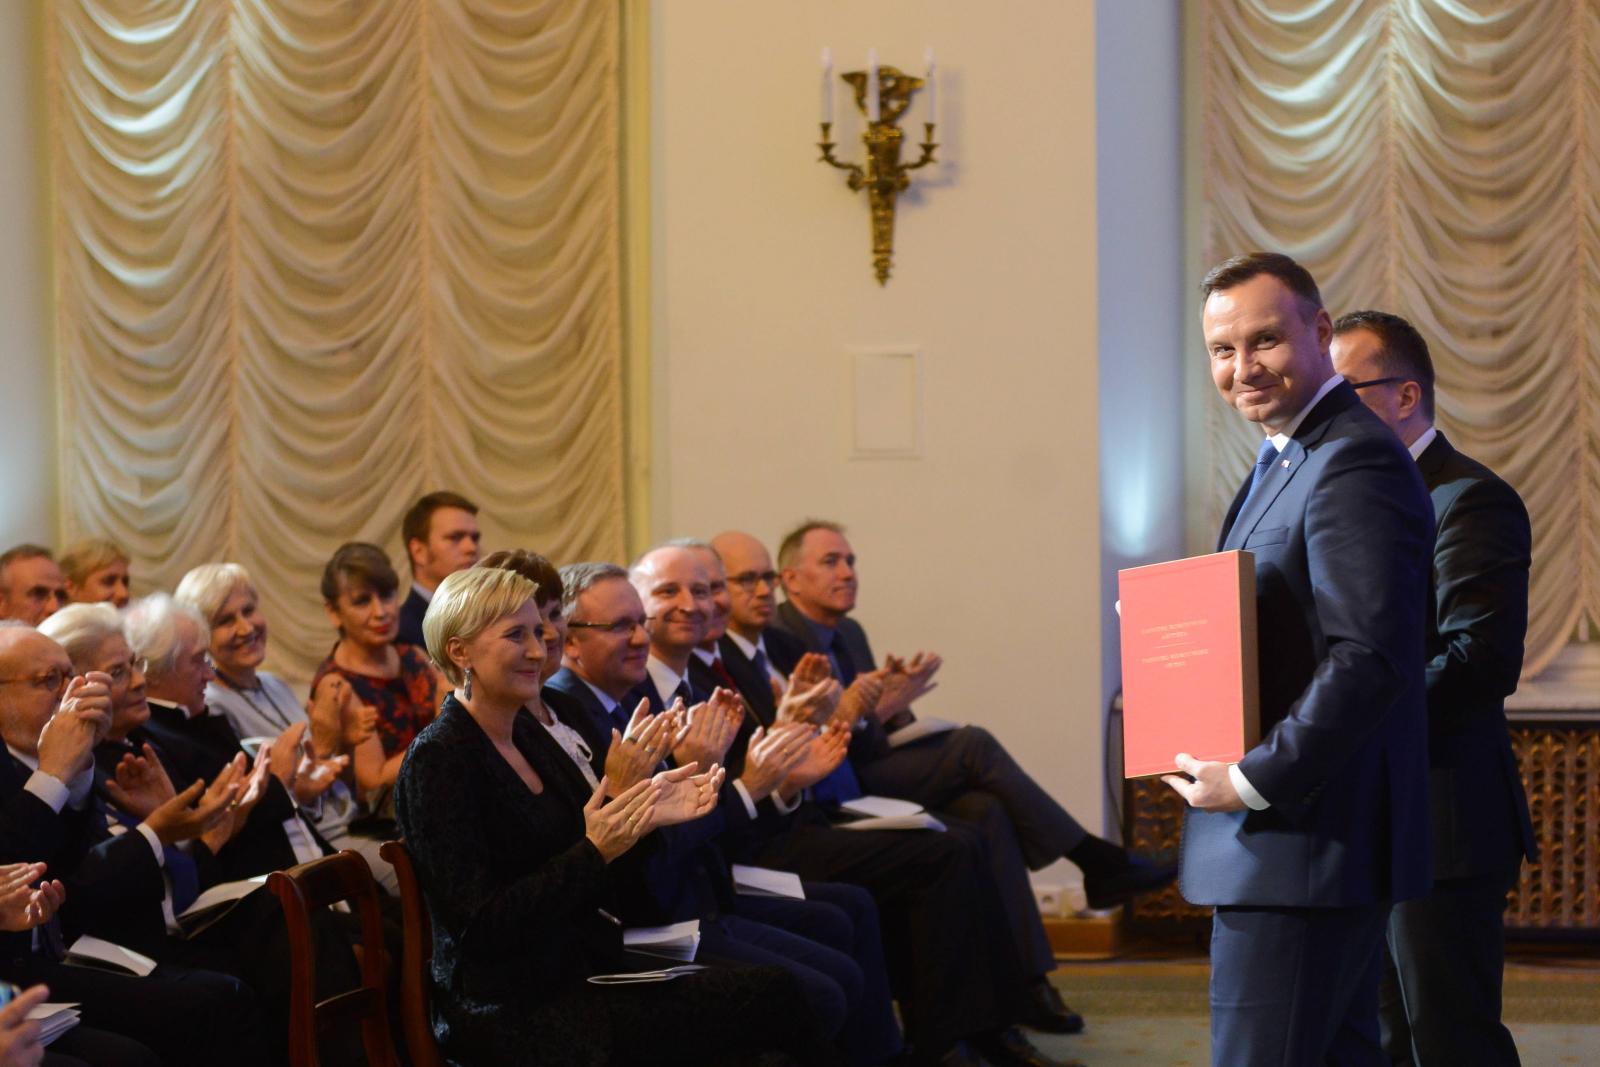 Prezydent Andrzej Duda podczas koncertu w Pałacu Prezydenckim w Warszawie, z okazji Roku Tadeusza Kościuszki.